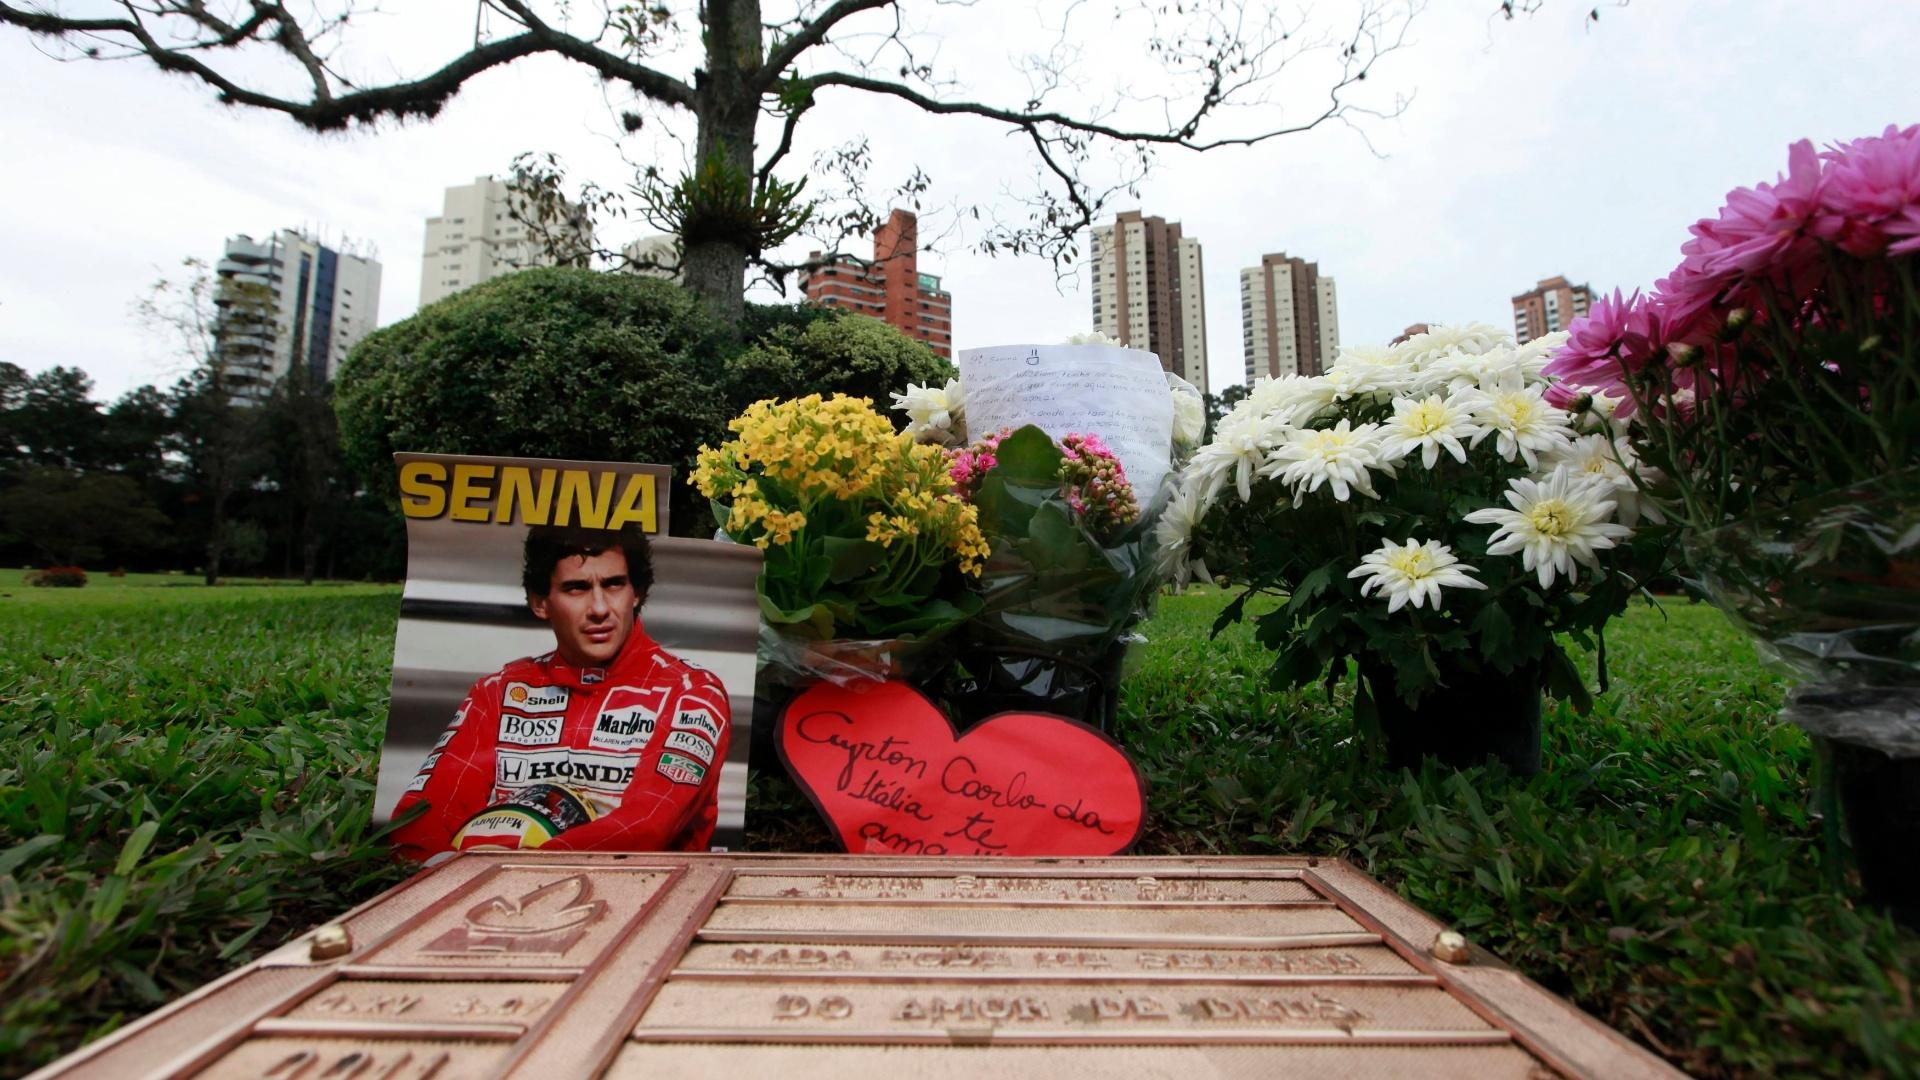 Fãs de Ayrton Senna prestam homenagem no cemitério do Morumby, em São Paulo, onde seu corpo foi enterrado REUTERS/Paulo Whitaker